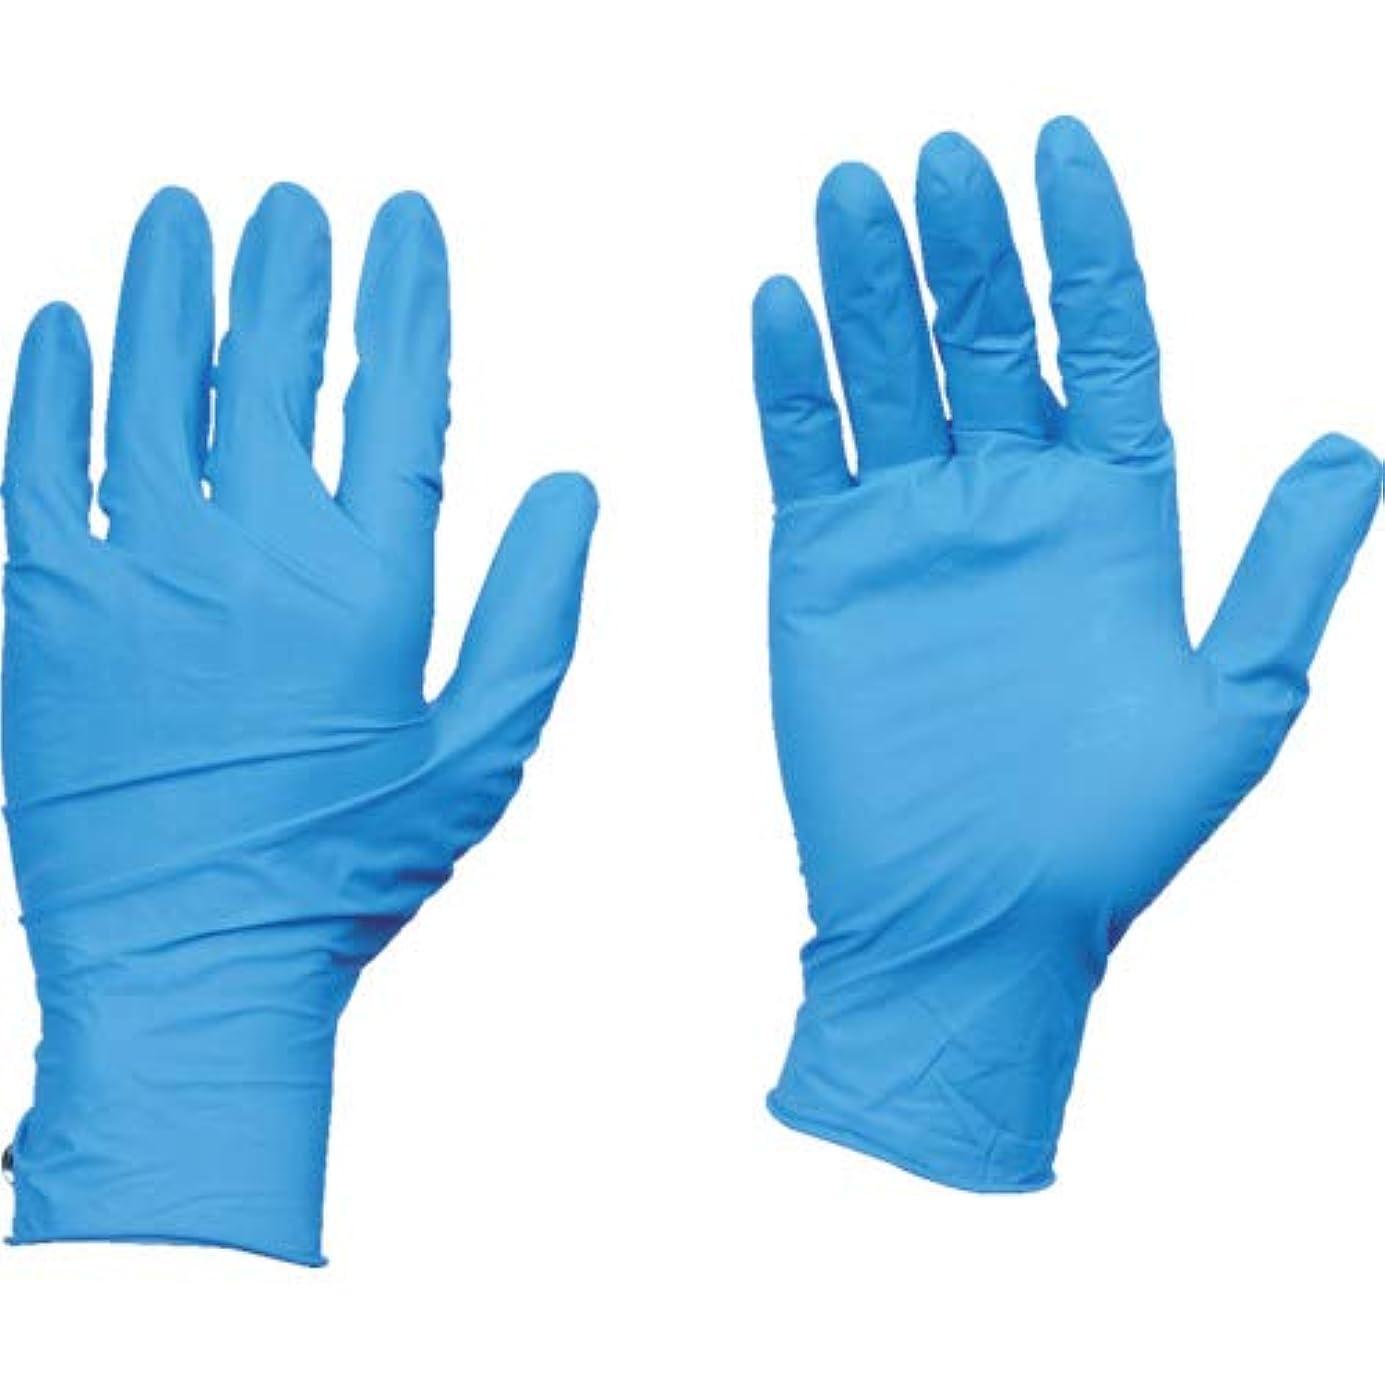 咲く印象的な電卓TRUSCO(トラスコ) 10箱入り 使い捨て天然ゴム手袋TGワーク 0.10 粉付青L TGPL10BL10C